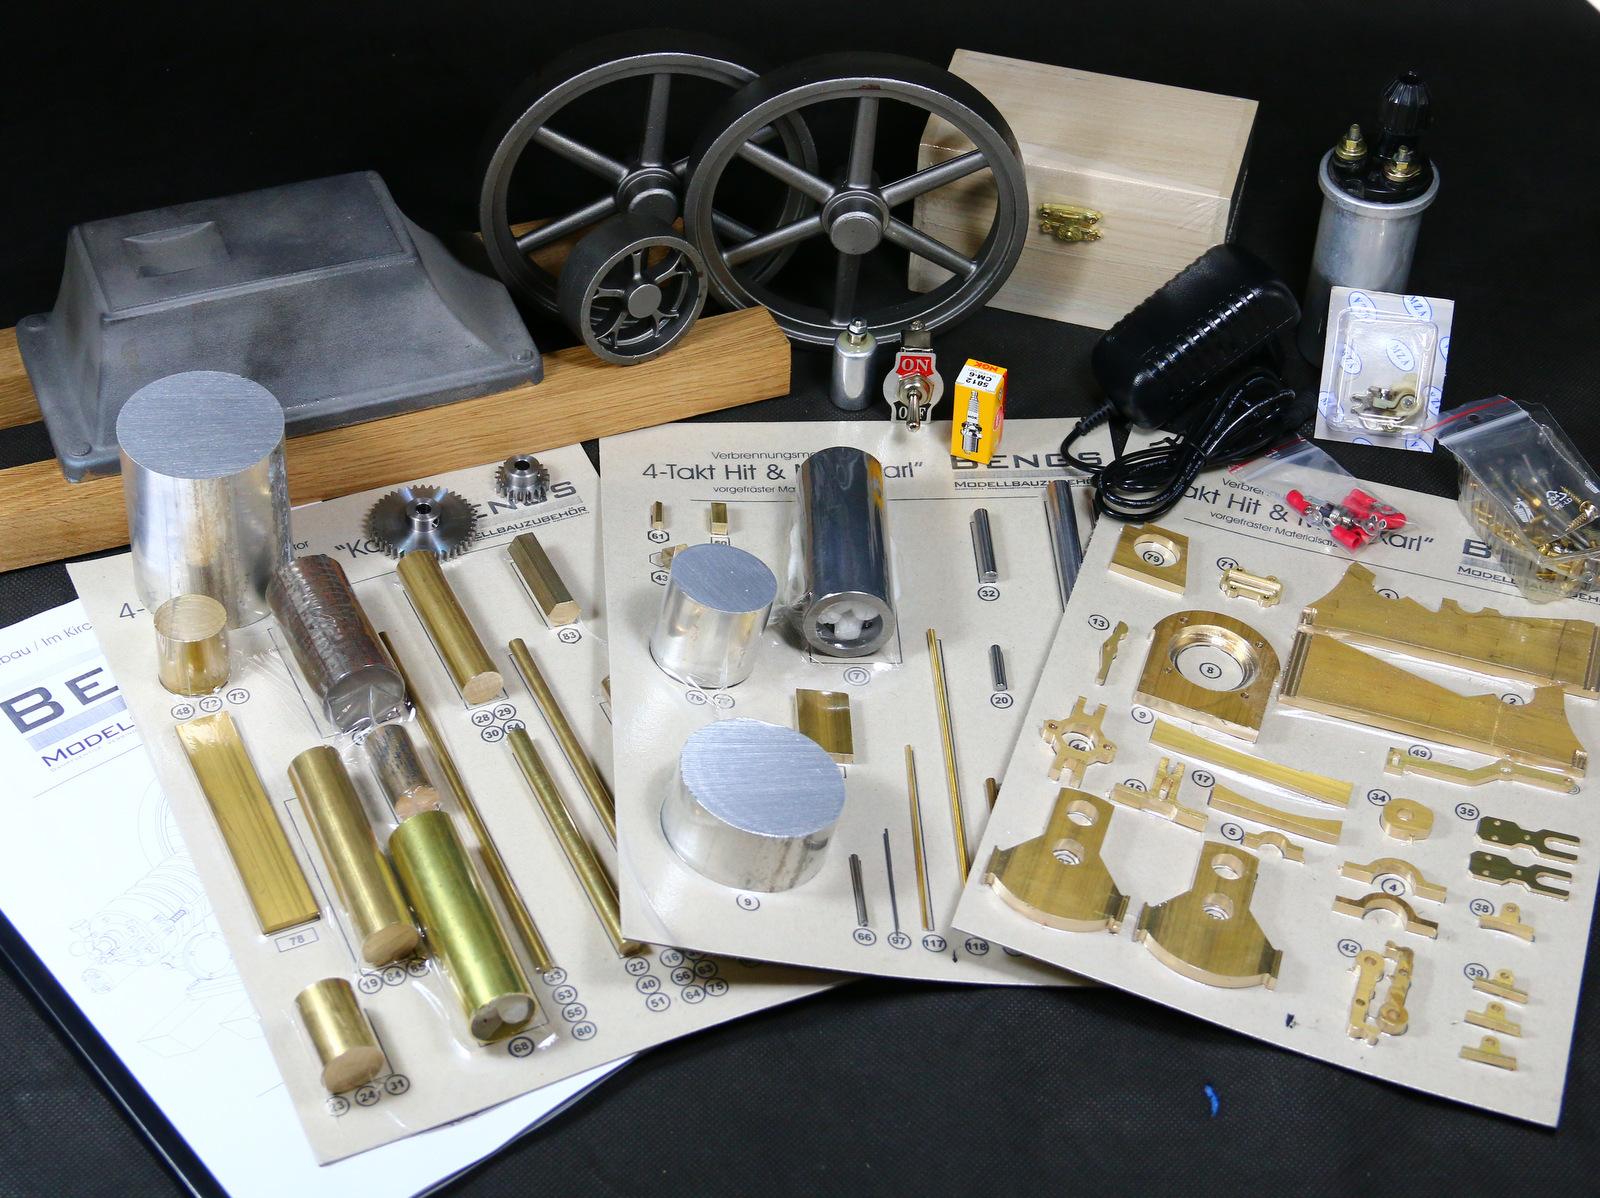 Verbrennungsmotor-hitt-miss-karl-lieferumfang551d30a2d8888